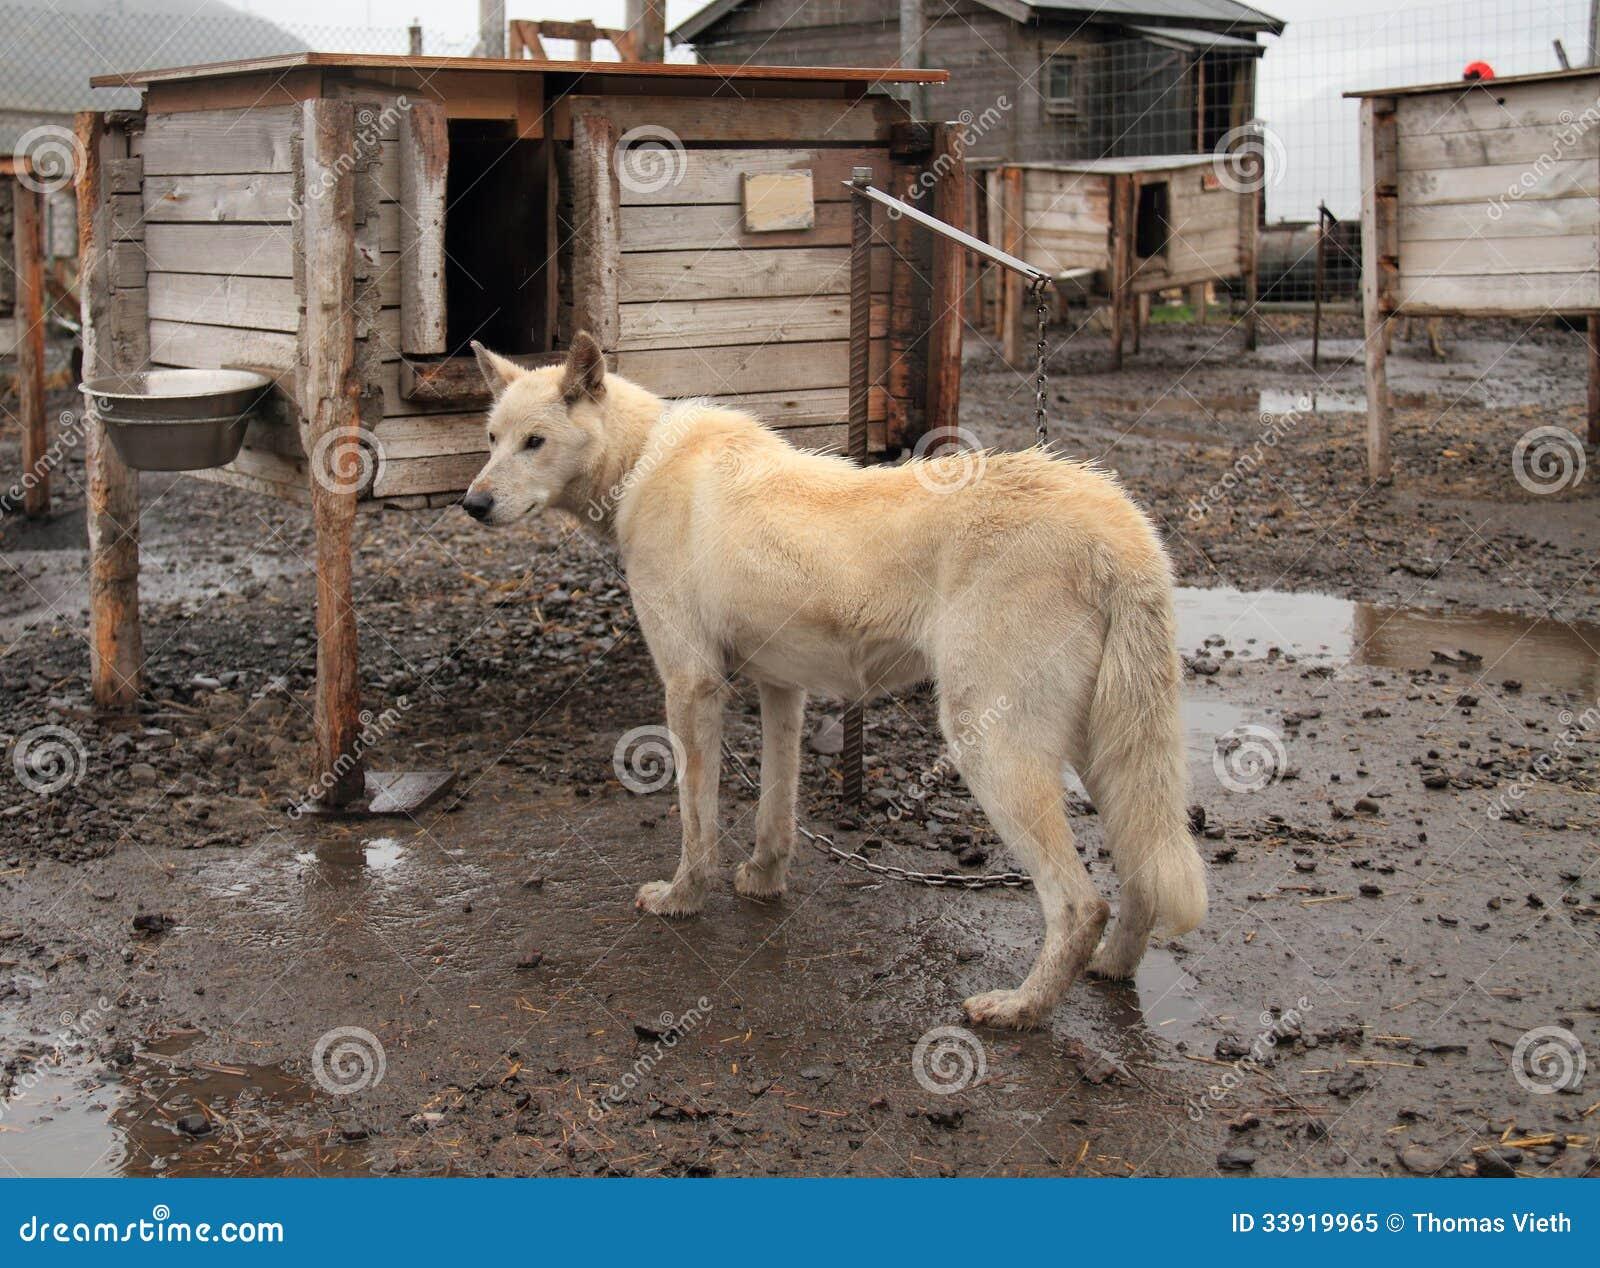 Spitsbergen Dog Breed